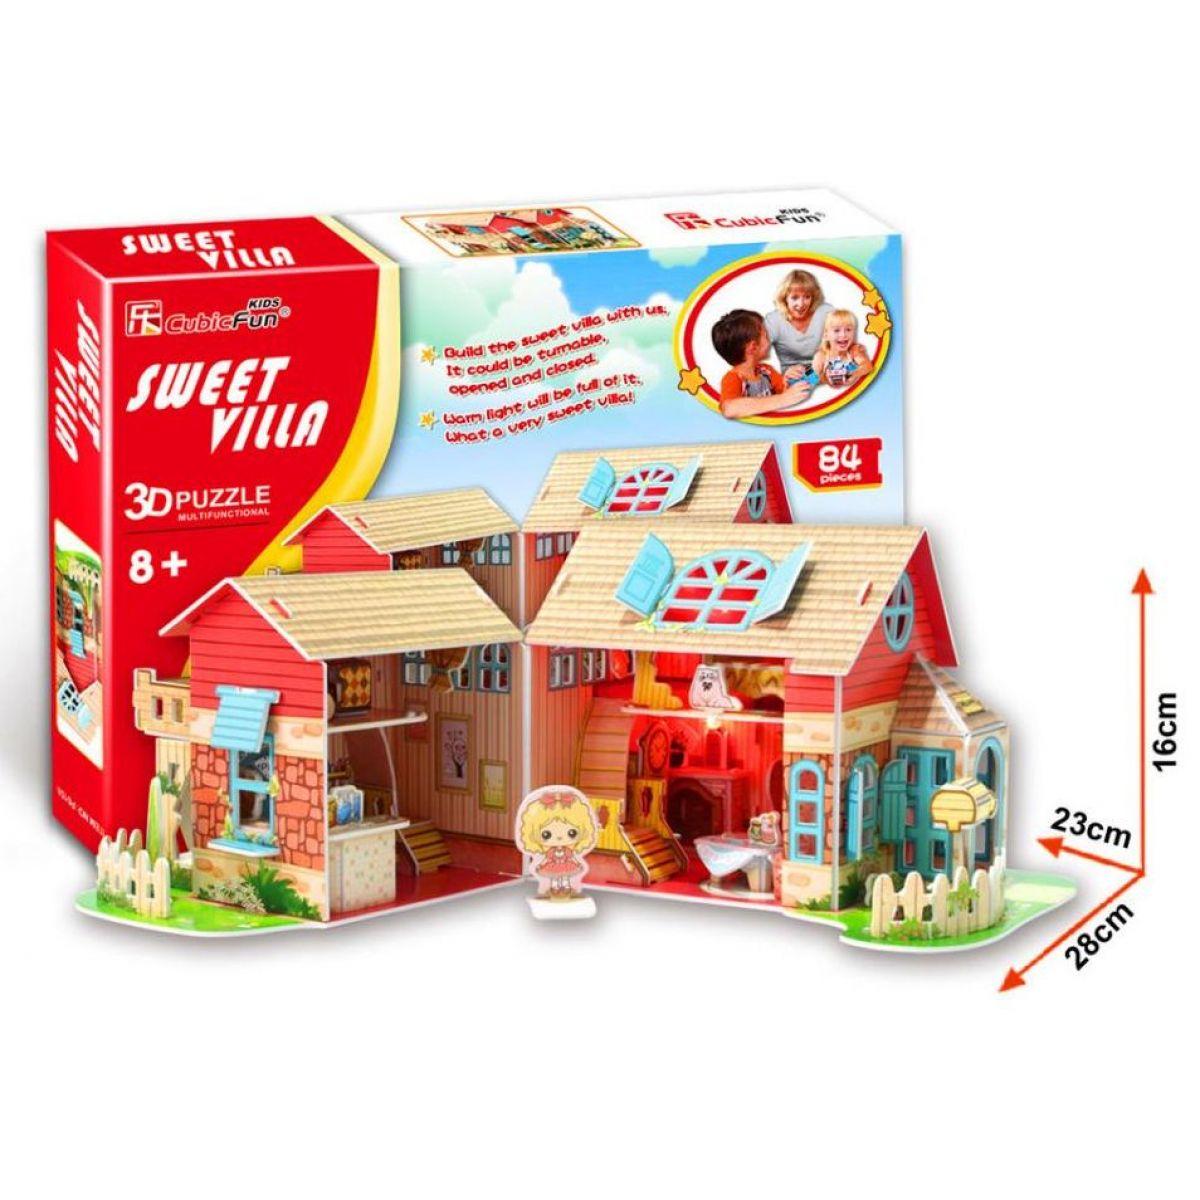 CubicFun Puzzle 3D Dům Sladká vila Led 84 dílků